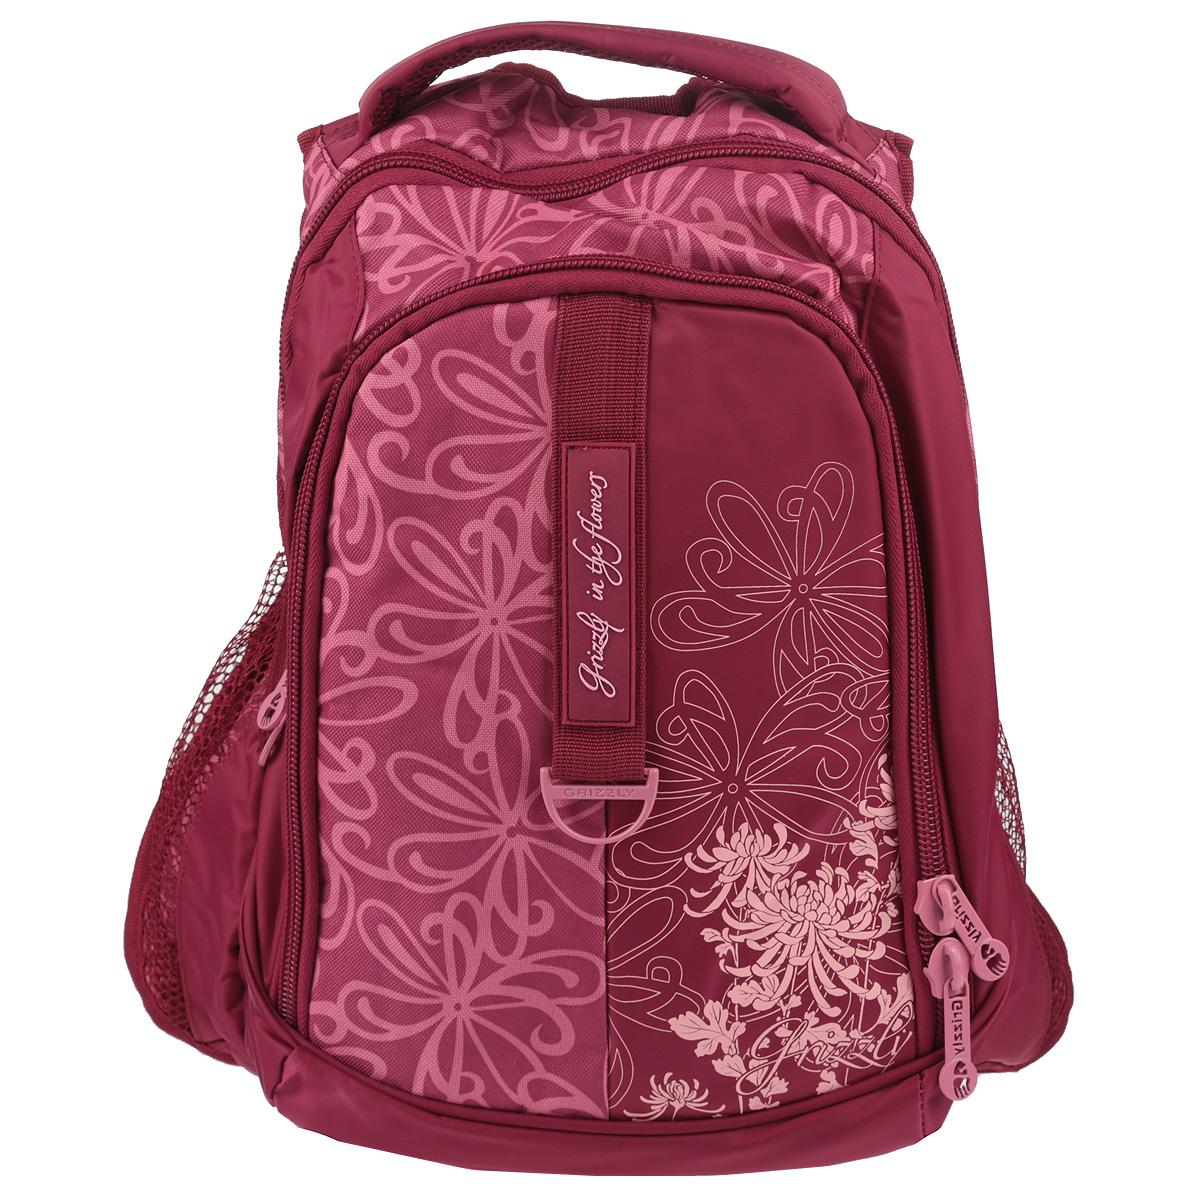 Рюкзак городской Grizzly, цвет: розовые цветы, 24 л. RD-521-1/5RD-521-1/5Рюкзак с двумя отделениями, боковыми карманами с сеткой, карманом-пеналом, укрепленными лямками и спинкой